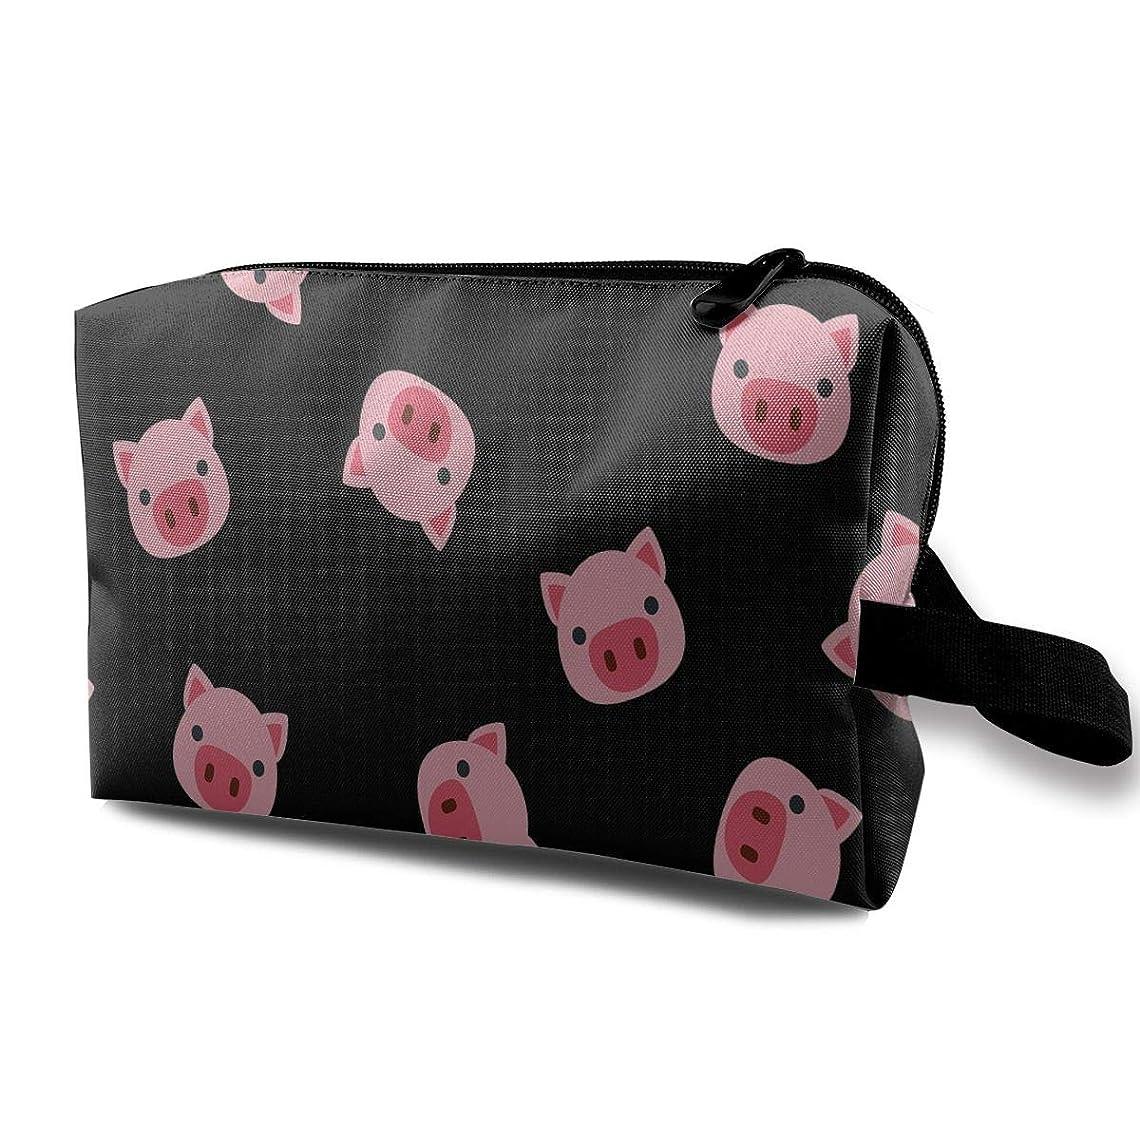 融合ソフィー振動させる漫画 豚 ドロー 化粧ポーチ メイクポーチ コスメケース 洗面用具入れ 小物入れ 大容量 化粧品収納 コスメ 出張 海外 旅行バッグ 普段使い 軽量 防水 持ち運び